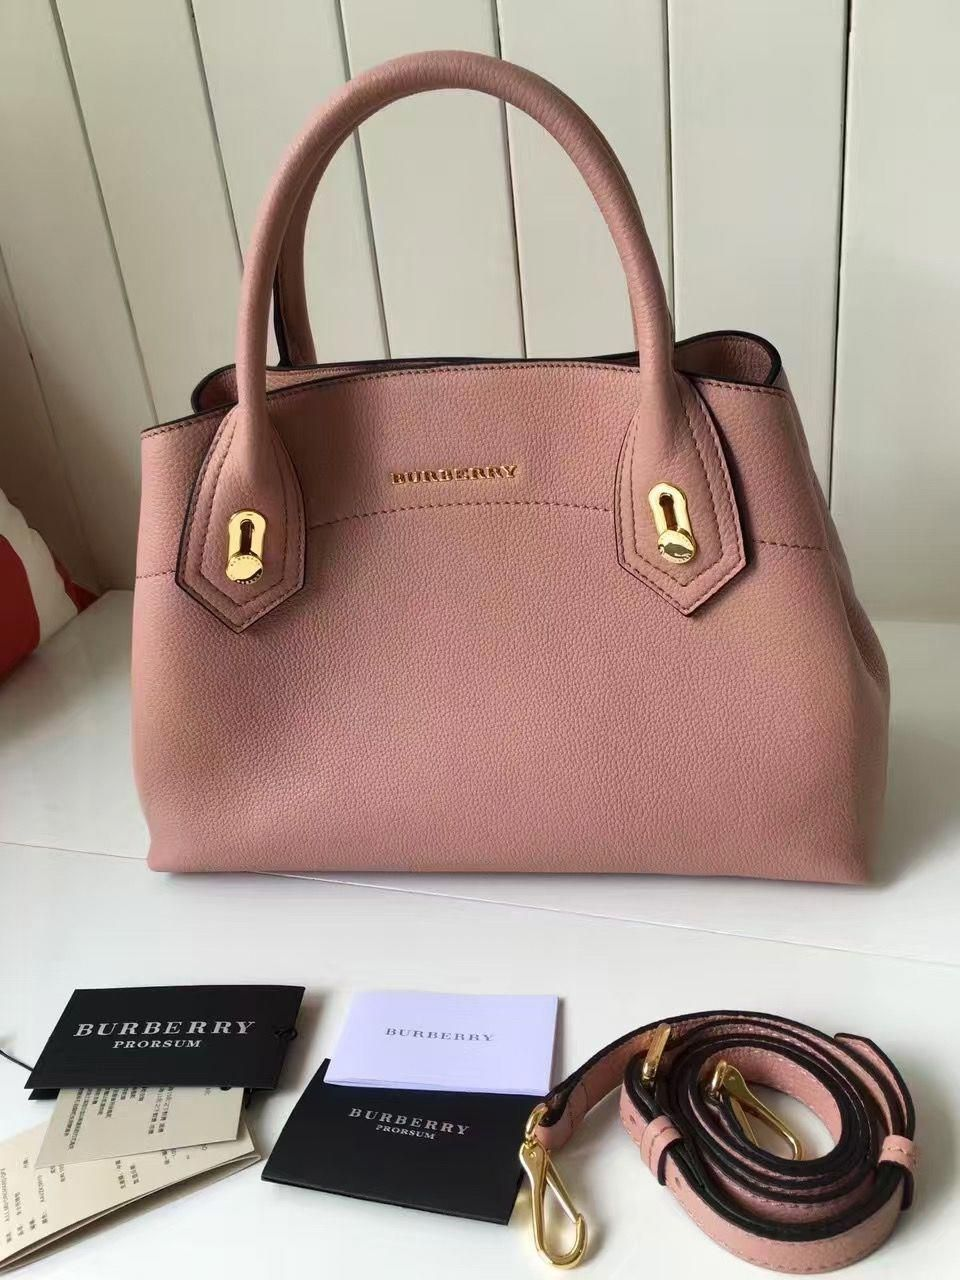 493e2bc20e08 burberry handbags red  Pradahandbags